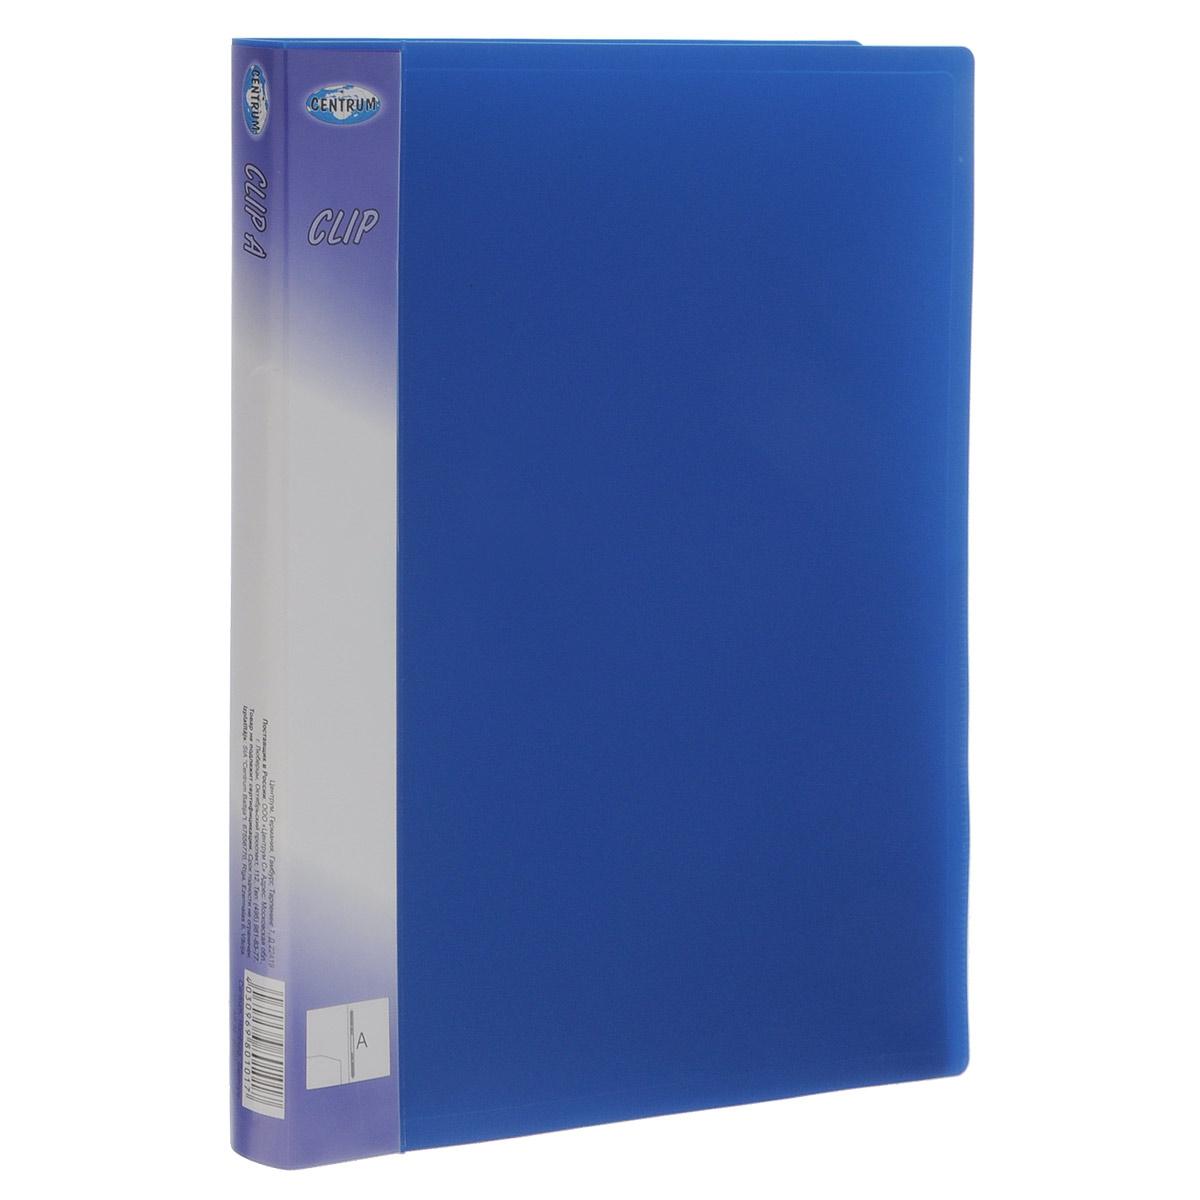 Папка-скоросшиватель Centrum Clip, цвет: синий, формат А480101Папка-скоросшиватель Centrum Clip - это удобный и практичный офисный инструмент, предназначенный для бережного хранения и транспортировки перфорированных рабочих бумаг и документов формата А4. Папка изготовлена из полупрозрачного фактурного пластика, оснащена металлическим пружинным скоросшивателем и дополнена прозрачным кармашком на корешке Папка-скоросшиватель надежно сохранит ваши документы и сбережет их от повреждений, пыли и влаги.